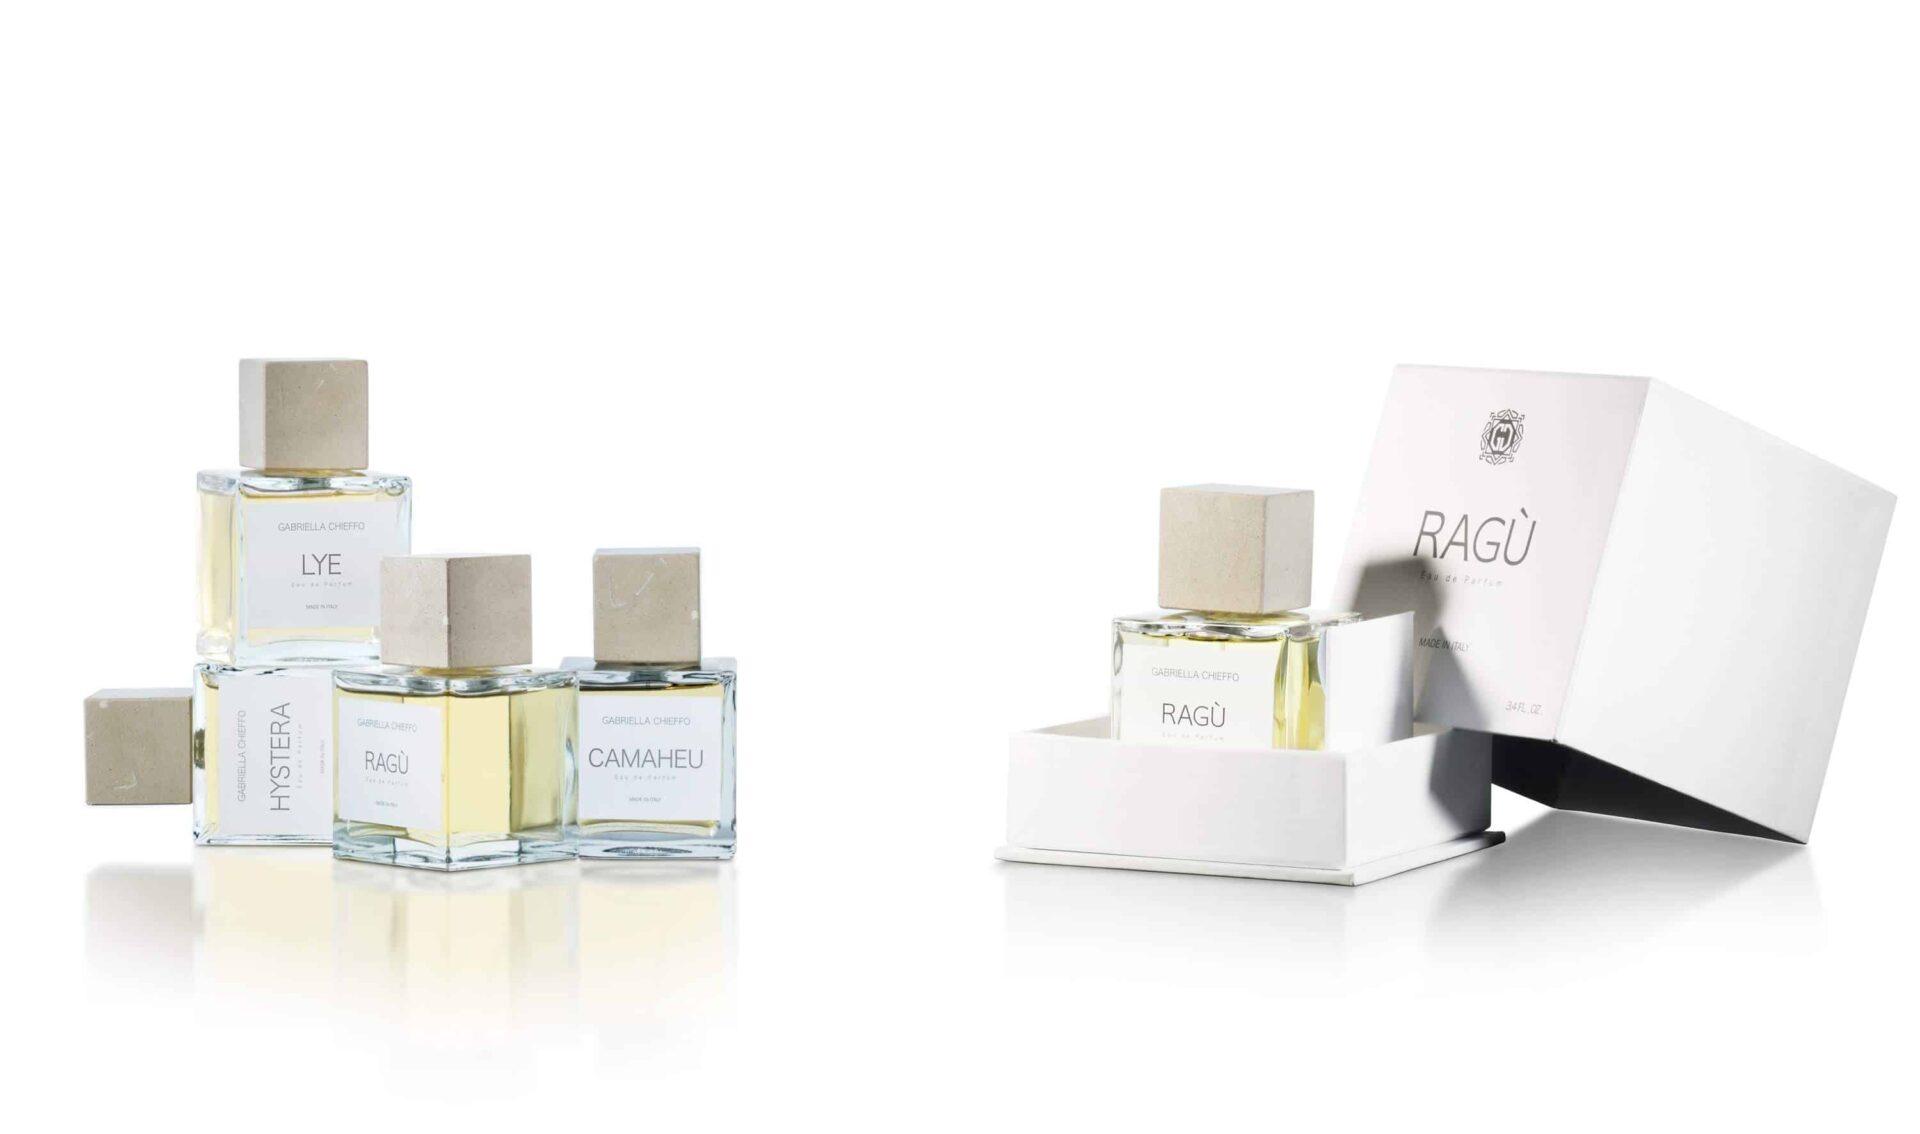 Gabriella Chieffo Profumi, la nuova linea di fragranze debutta con RAGU'